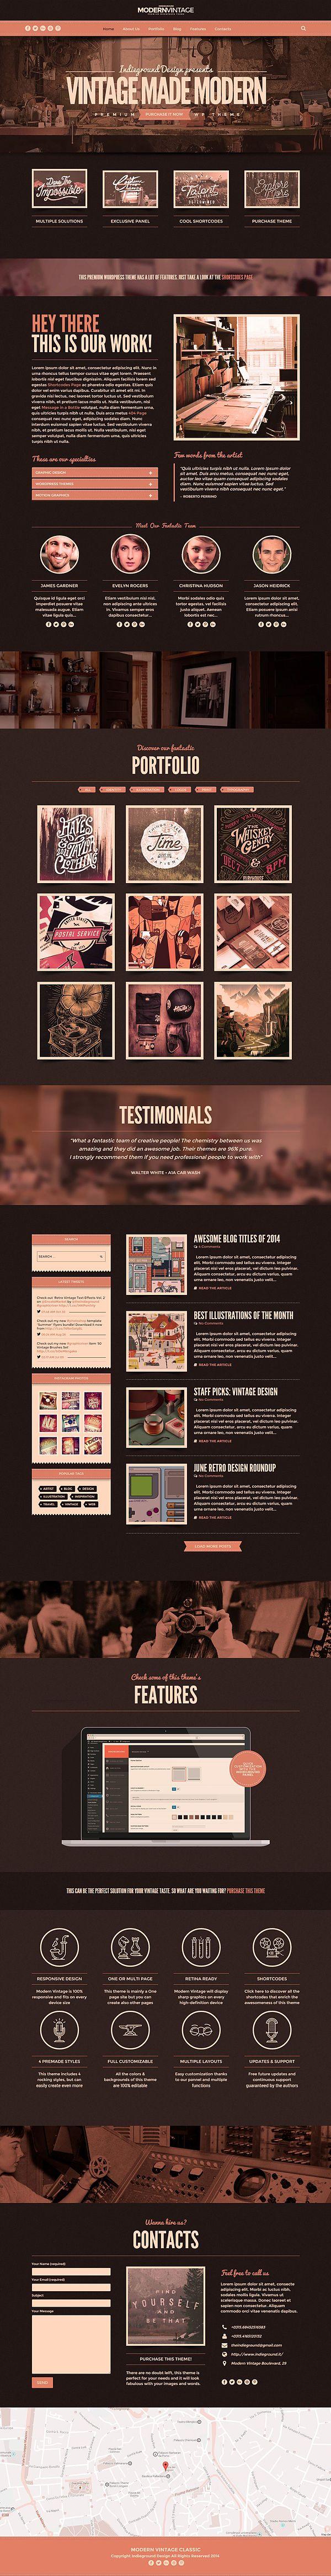 pinterest.com/fra411 #webdesign - Modern Vintage Wordpress Theme on Behance